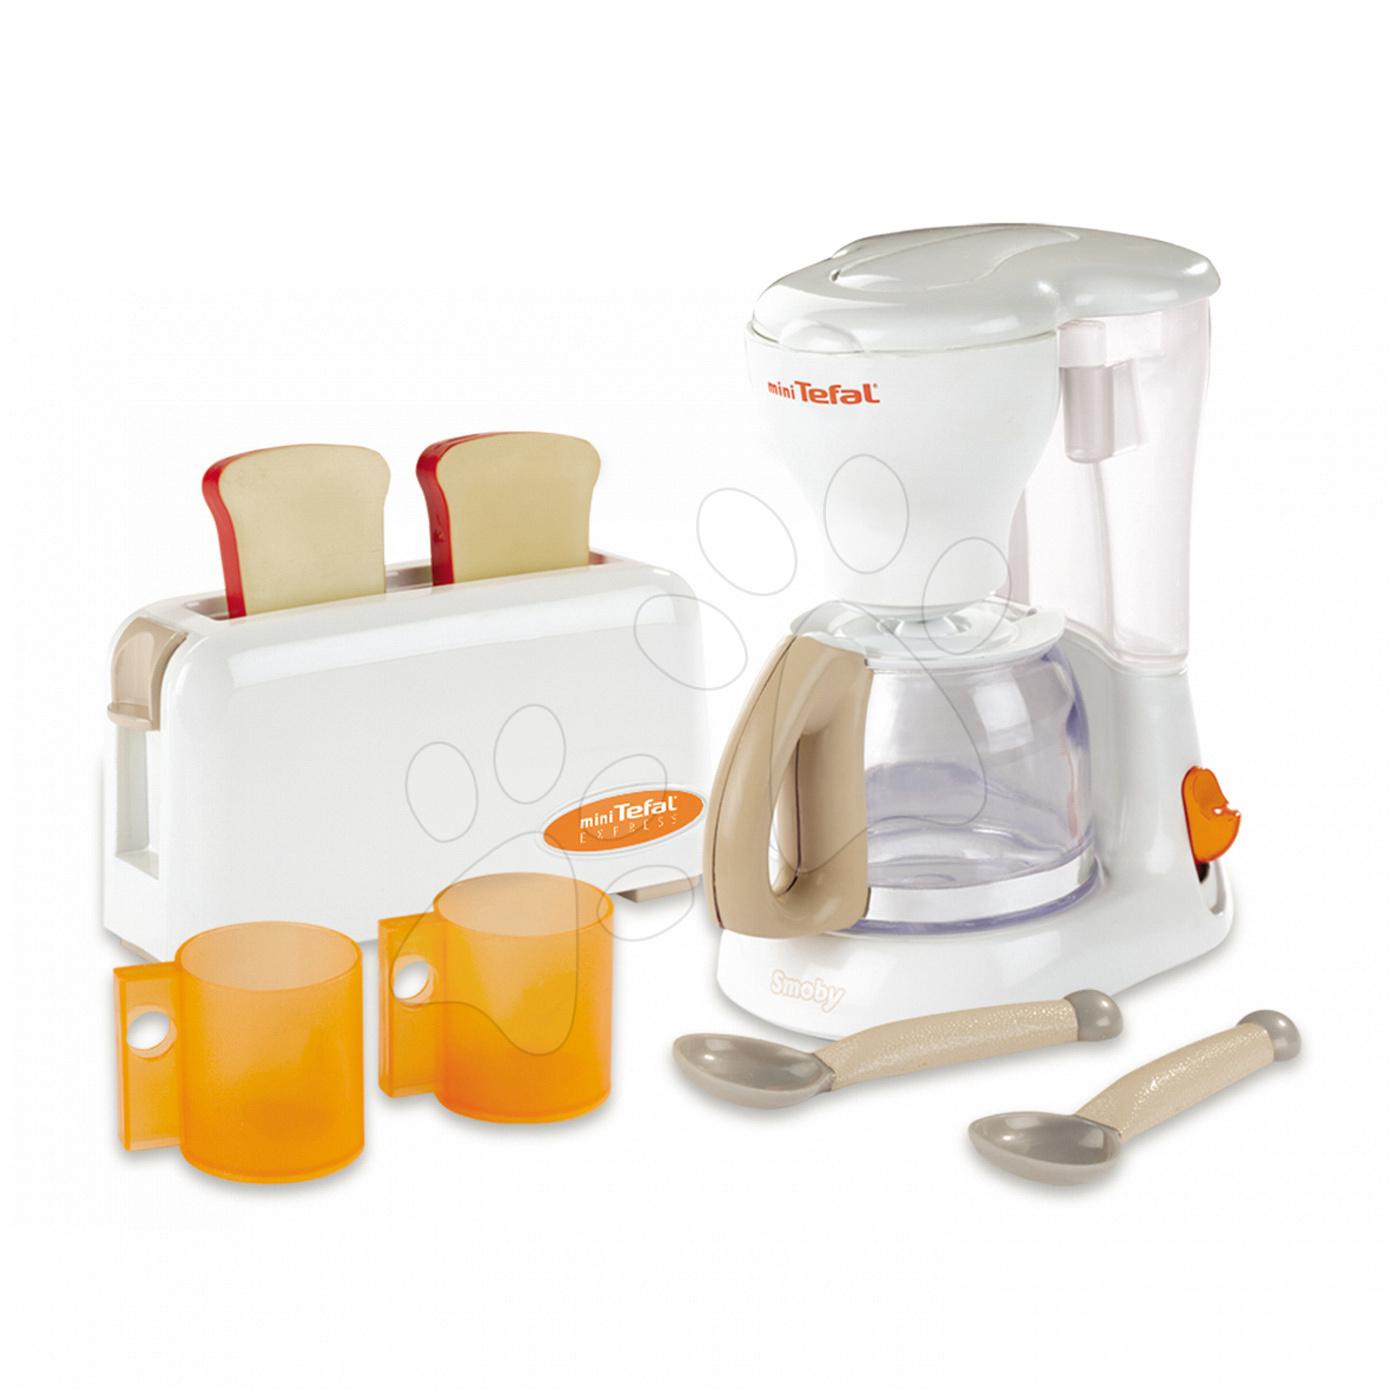 Raňajková sada s kávovarom a toasterom Mini Tefal Smoby s 8 doplnkami biely